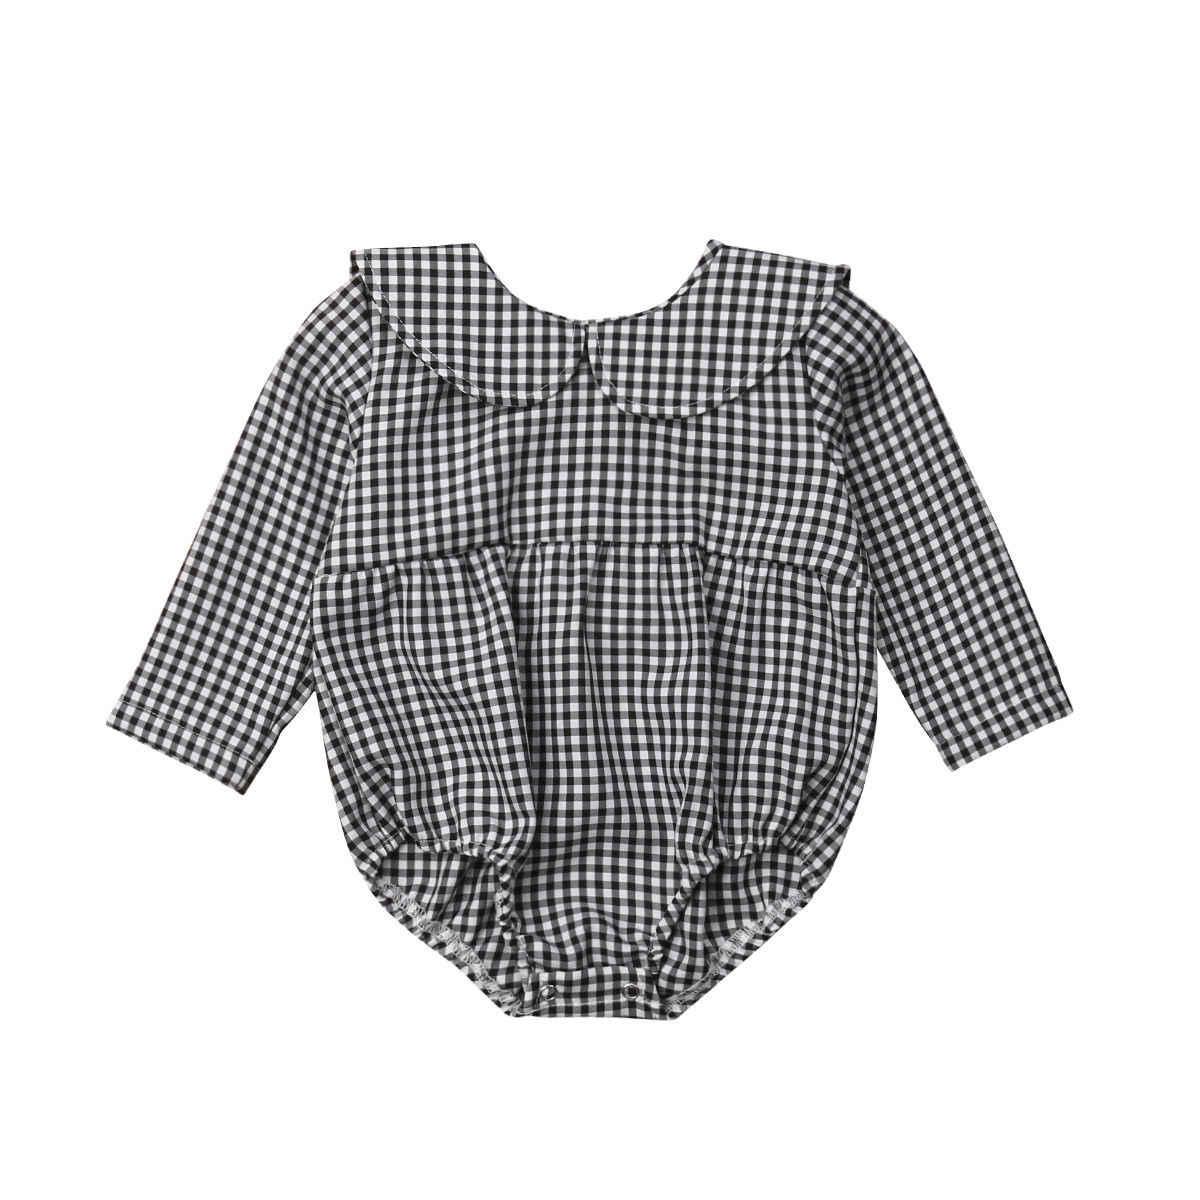 Новинка 2019 года, стильный теплый комбинезон в черно-белую клетку с длинными рукавами для новорожденных девочек, повседневный комбинезон